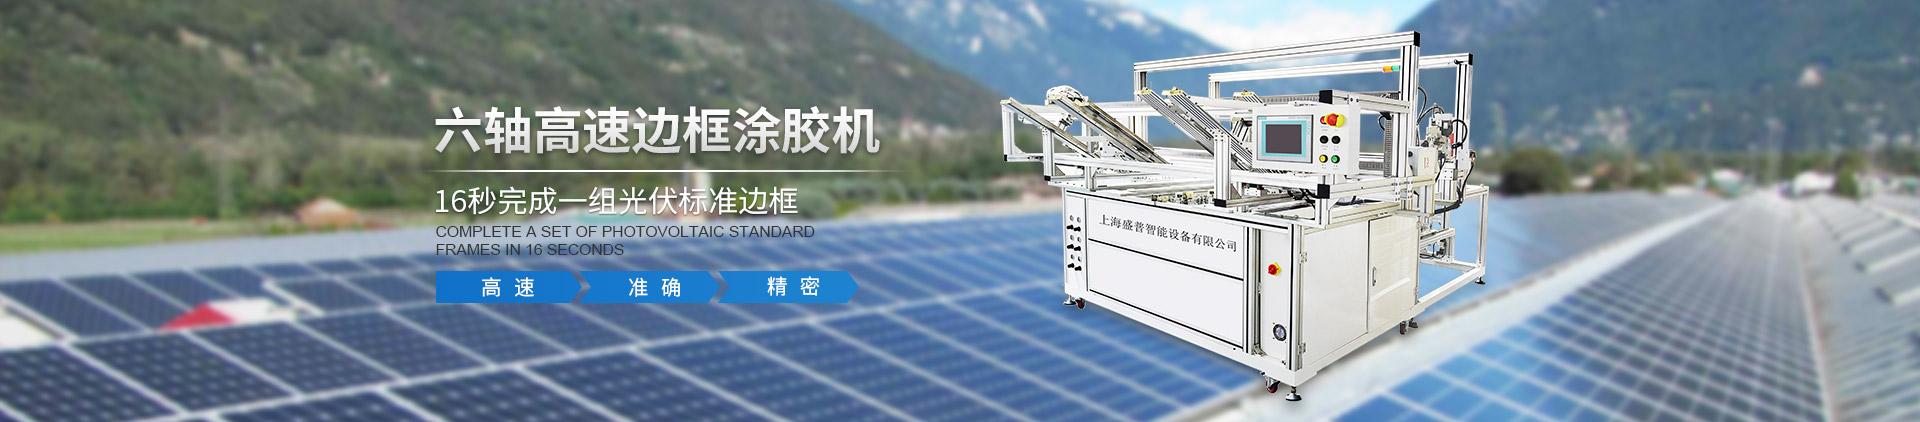 上海盛普智能设备有限公司